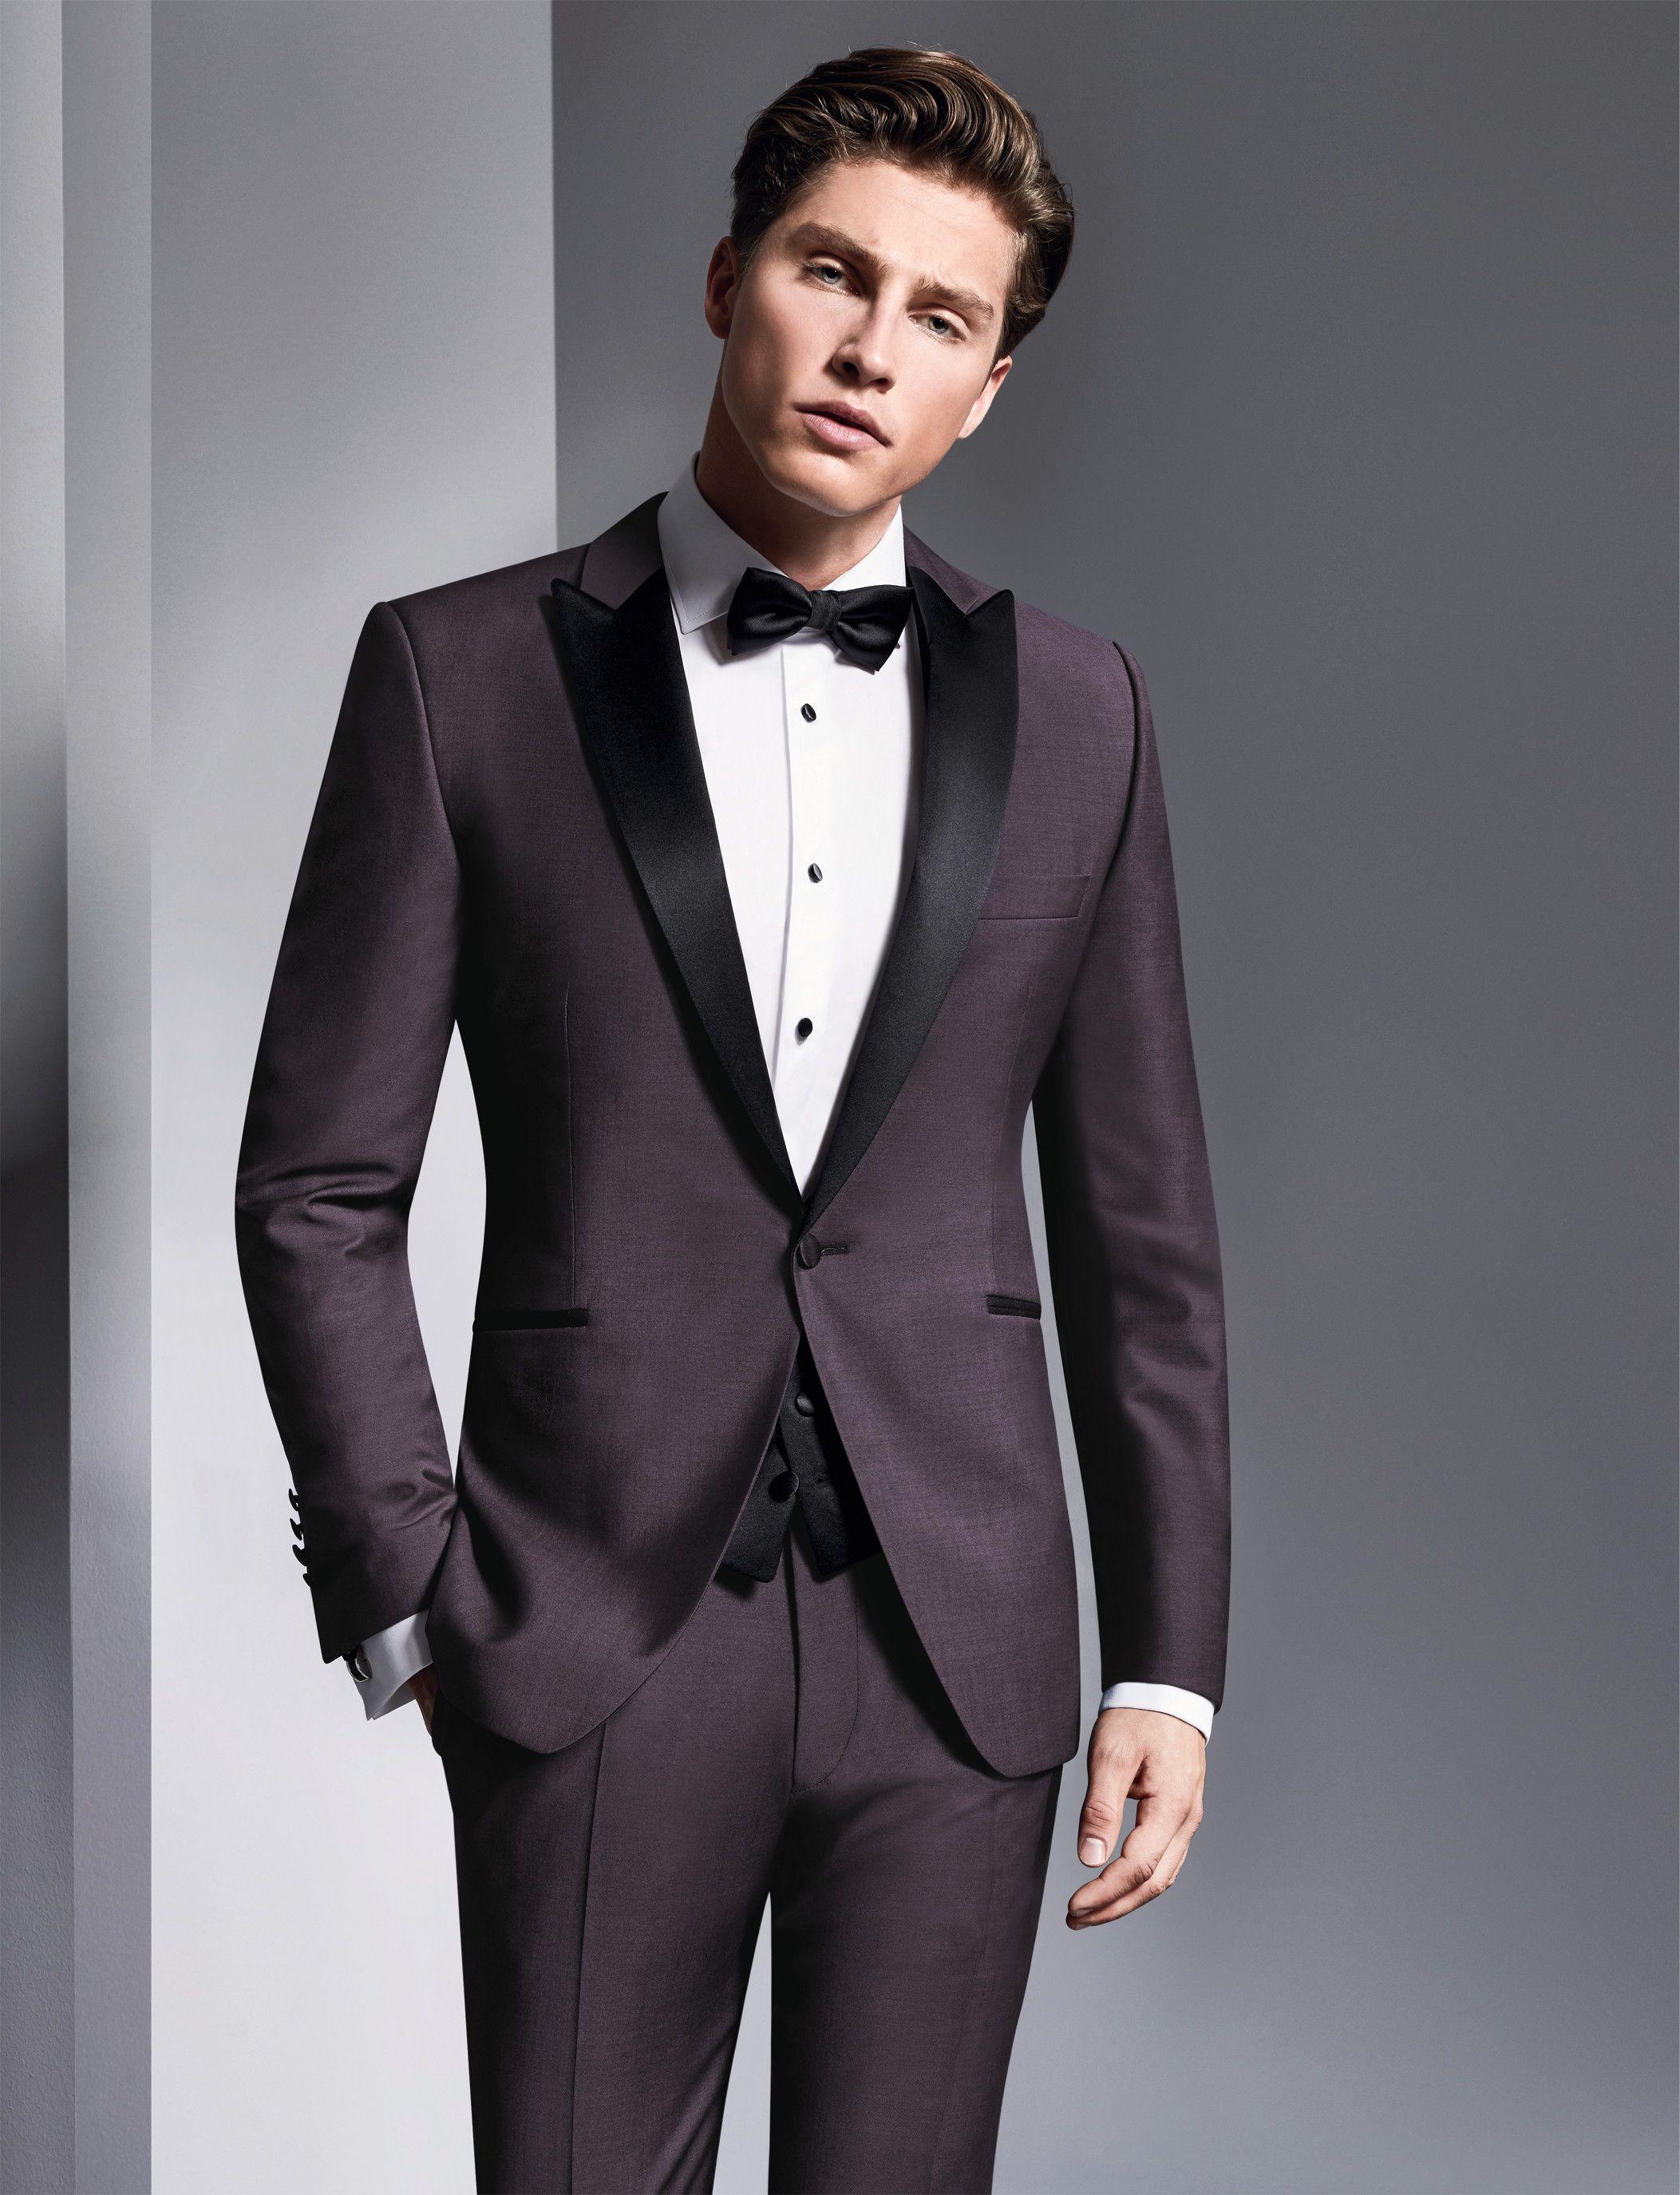 Anzüge & Blazer Elegante Licht Grau Männer Anzug Herren Hochzeit Smoking Für Bräutigam Besten Männer Party Smoking Anzüge 2017 jacke + Hosen + Weste + Krawatte